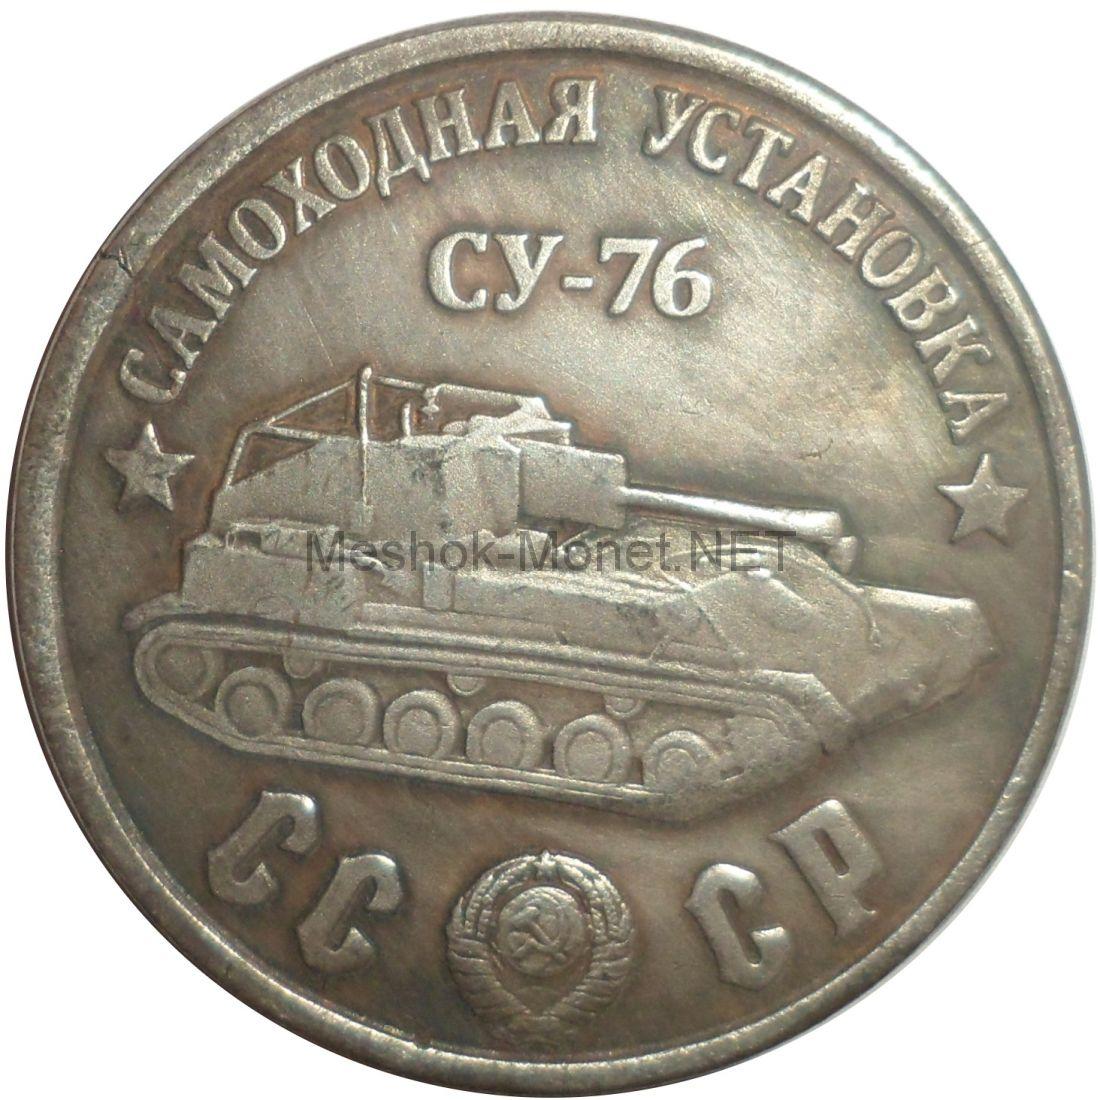 Копия 100 рублей 1945 год СУ-76 самоходная установка